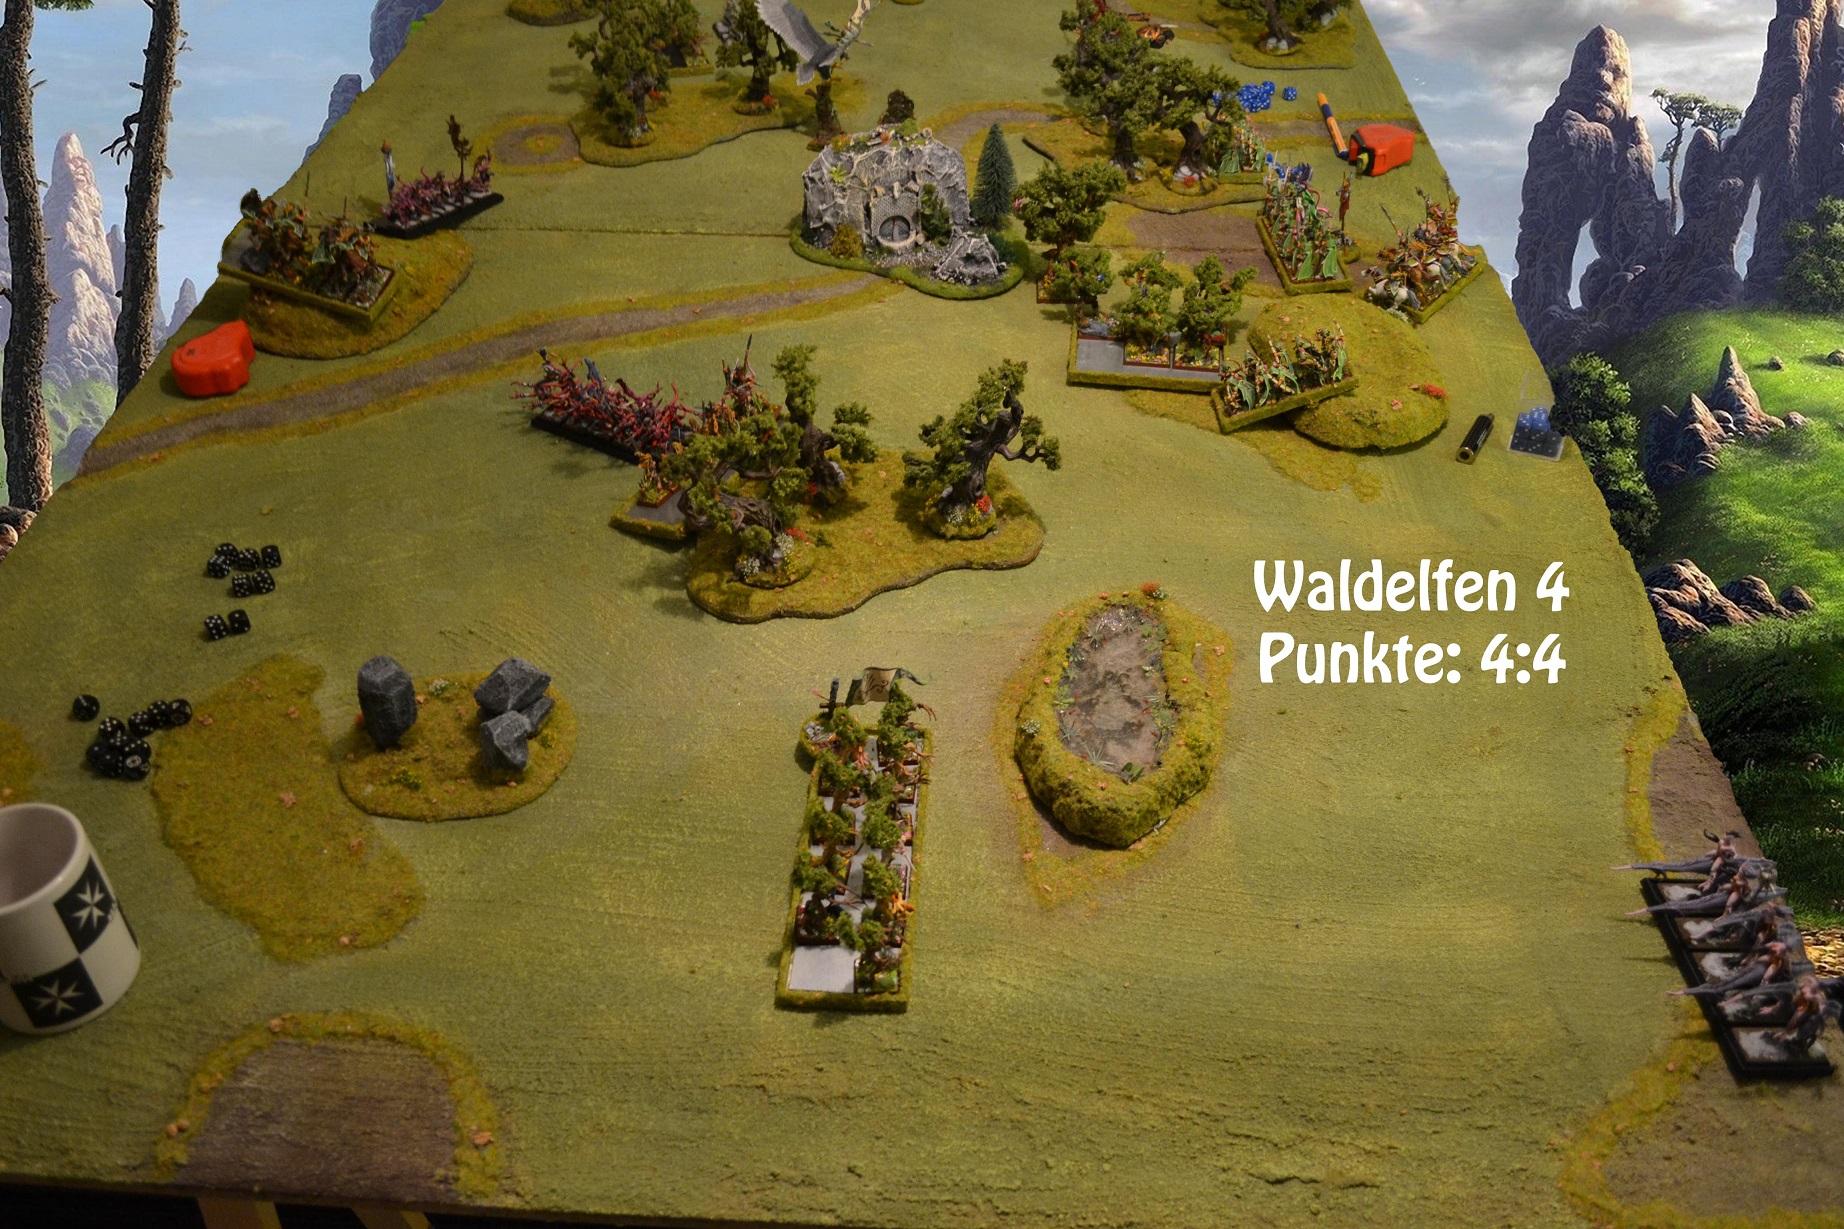 Waldelfen4.jpg